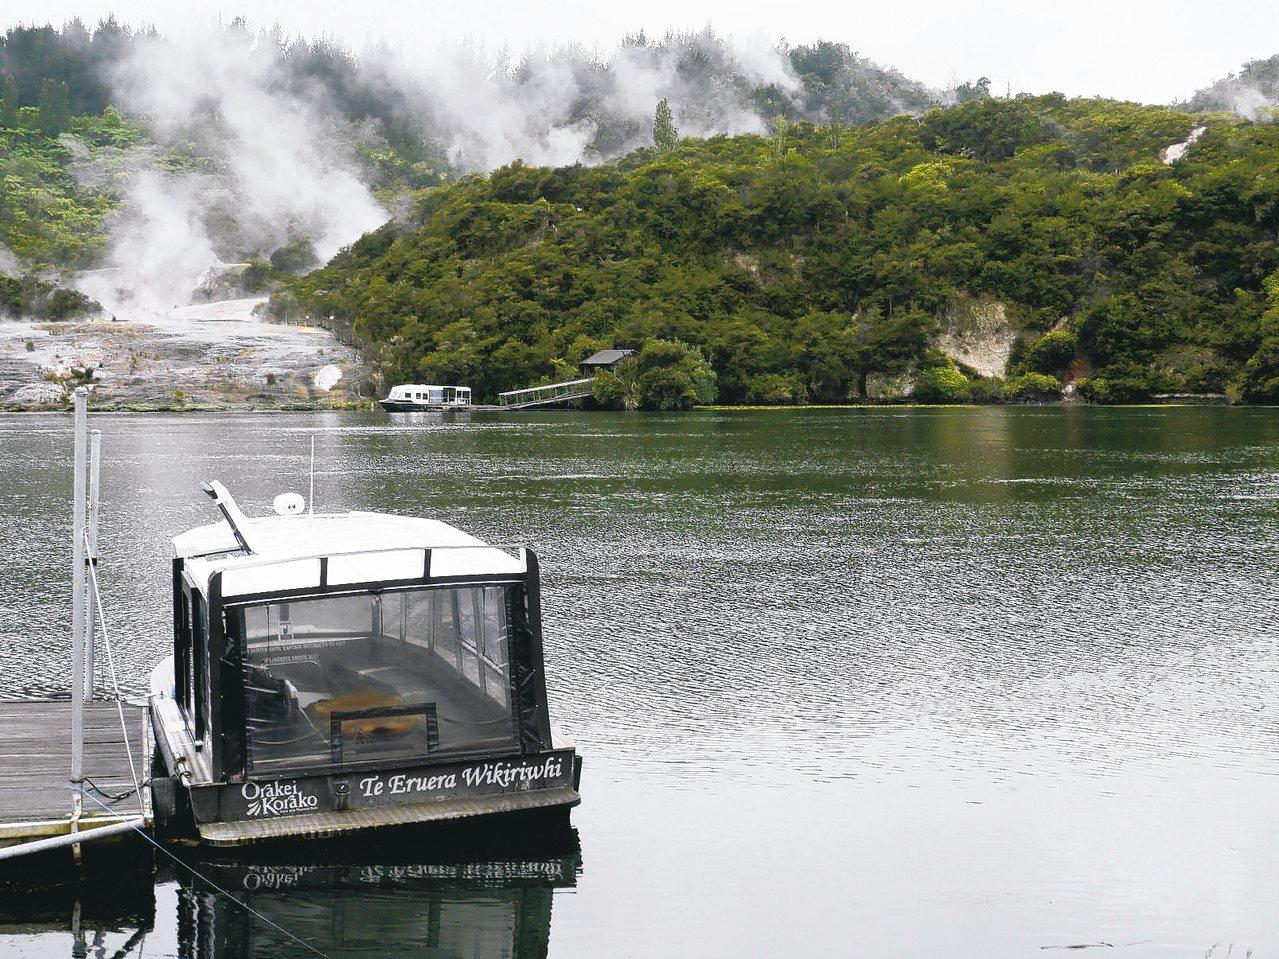 參觀奧拉基科拉克的地熱奇觀,得先乘接駁船橫跨懷卡托河, 其中地熱奇觀類似香檳池,...